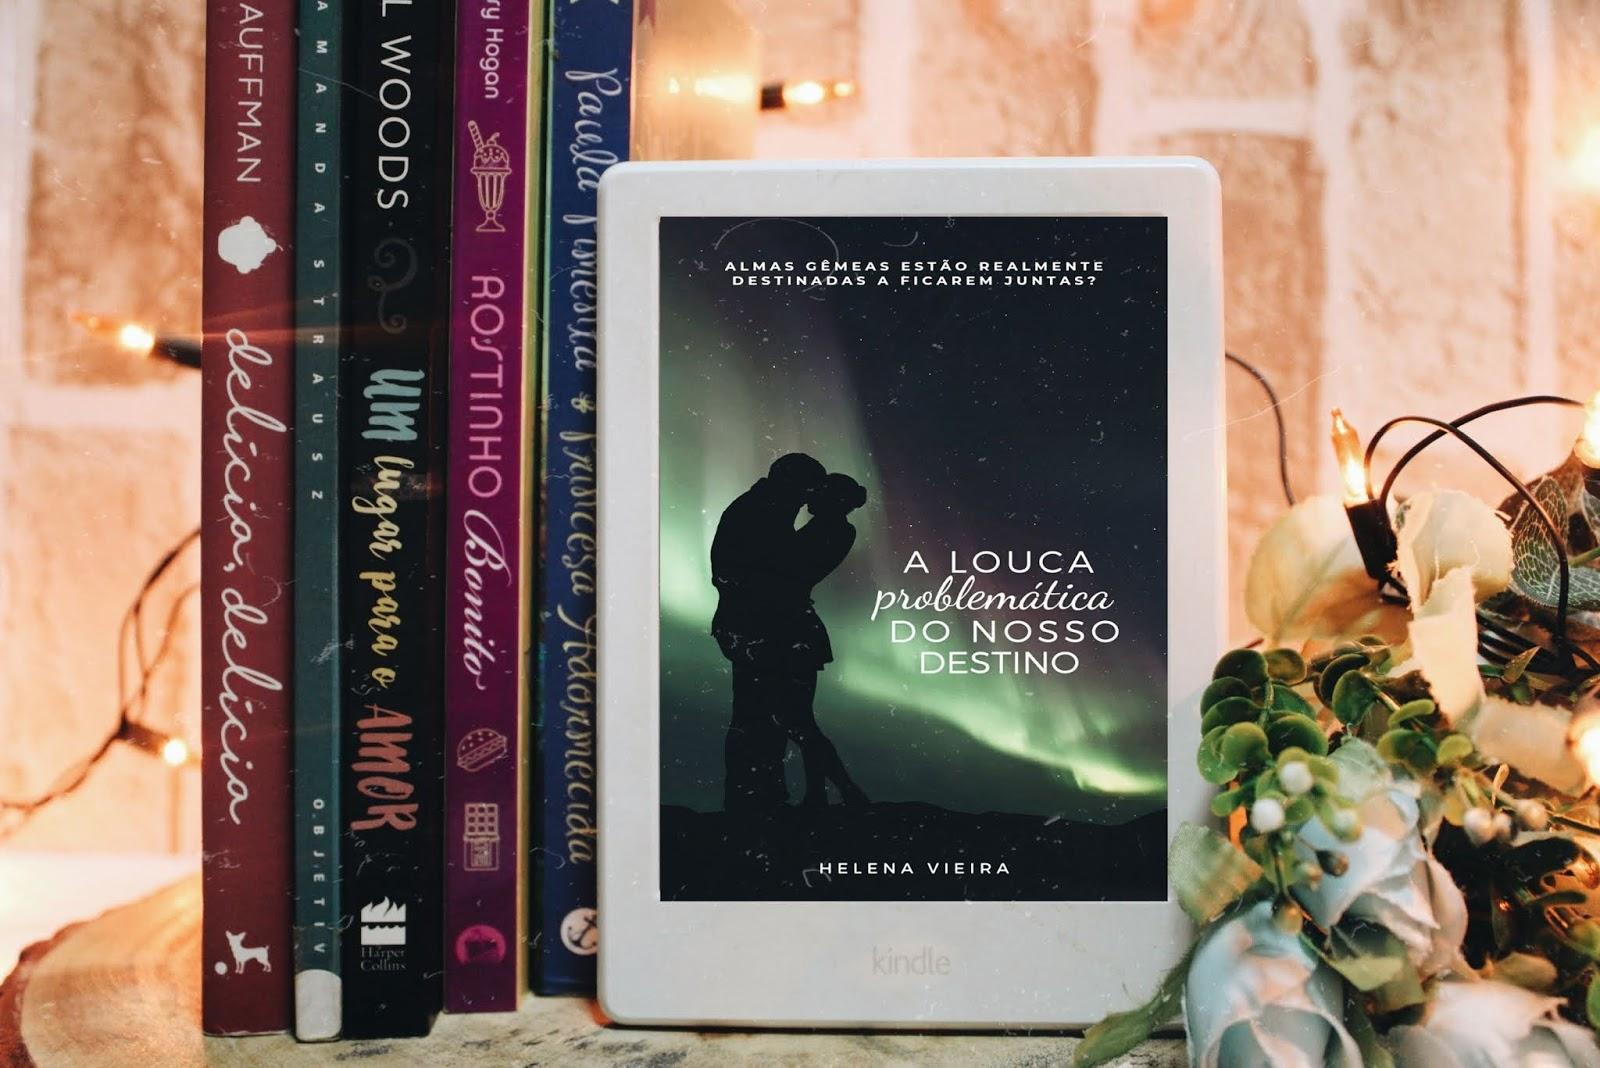 A louca problemática do nosso destino - Helena Vieira | Resenha